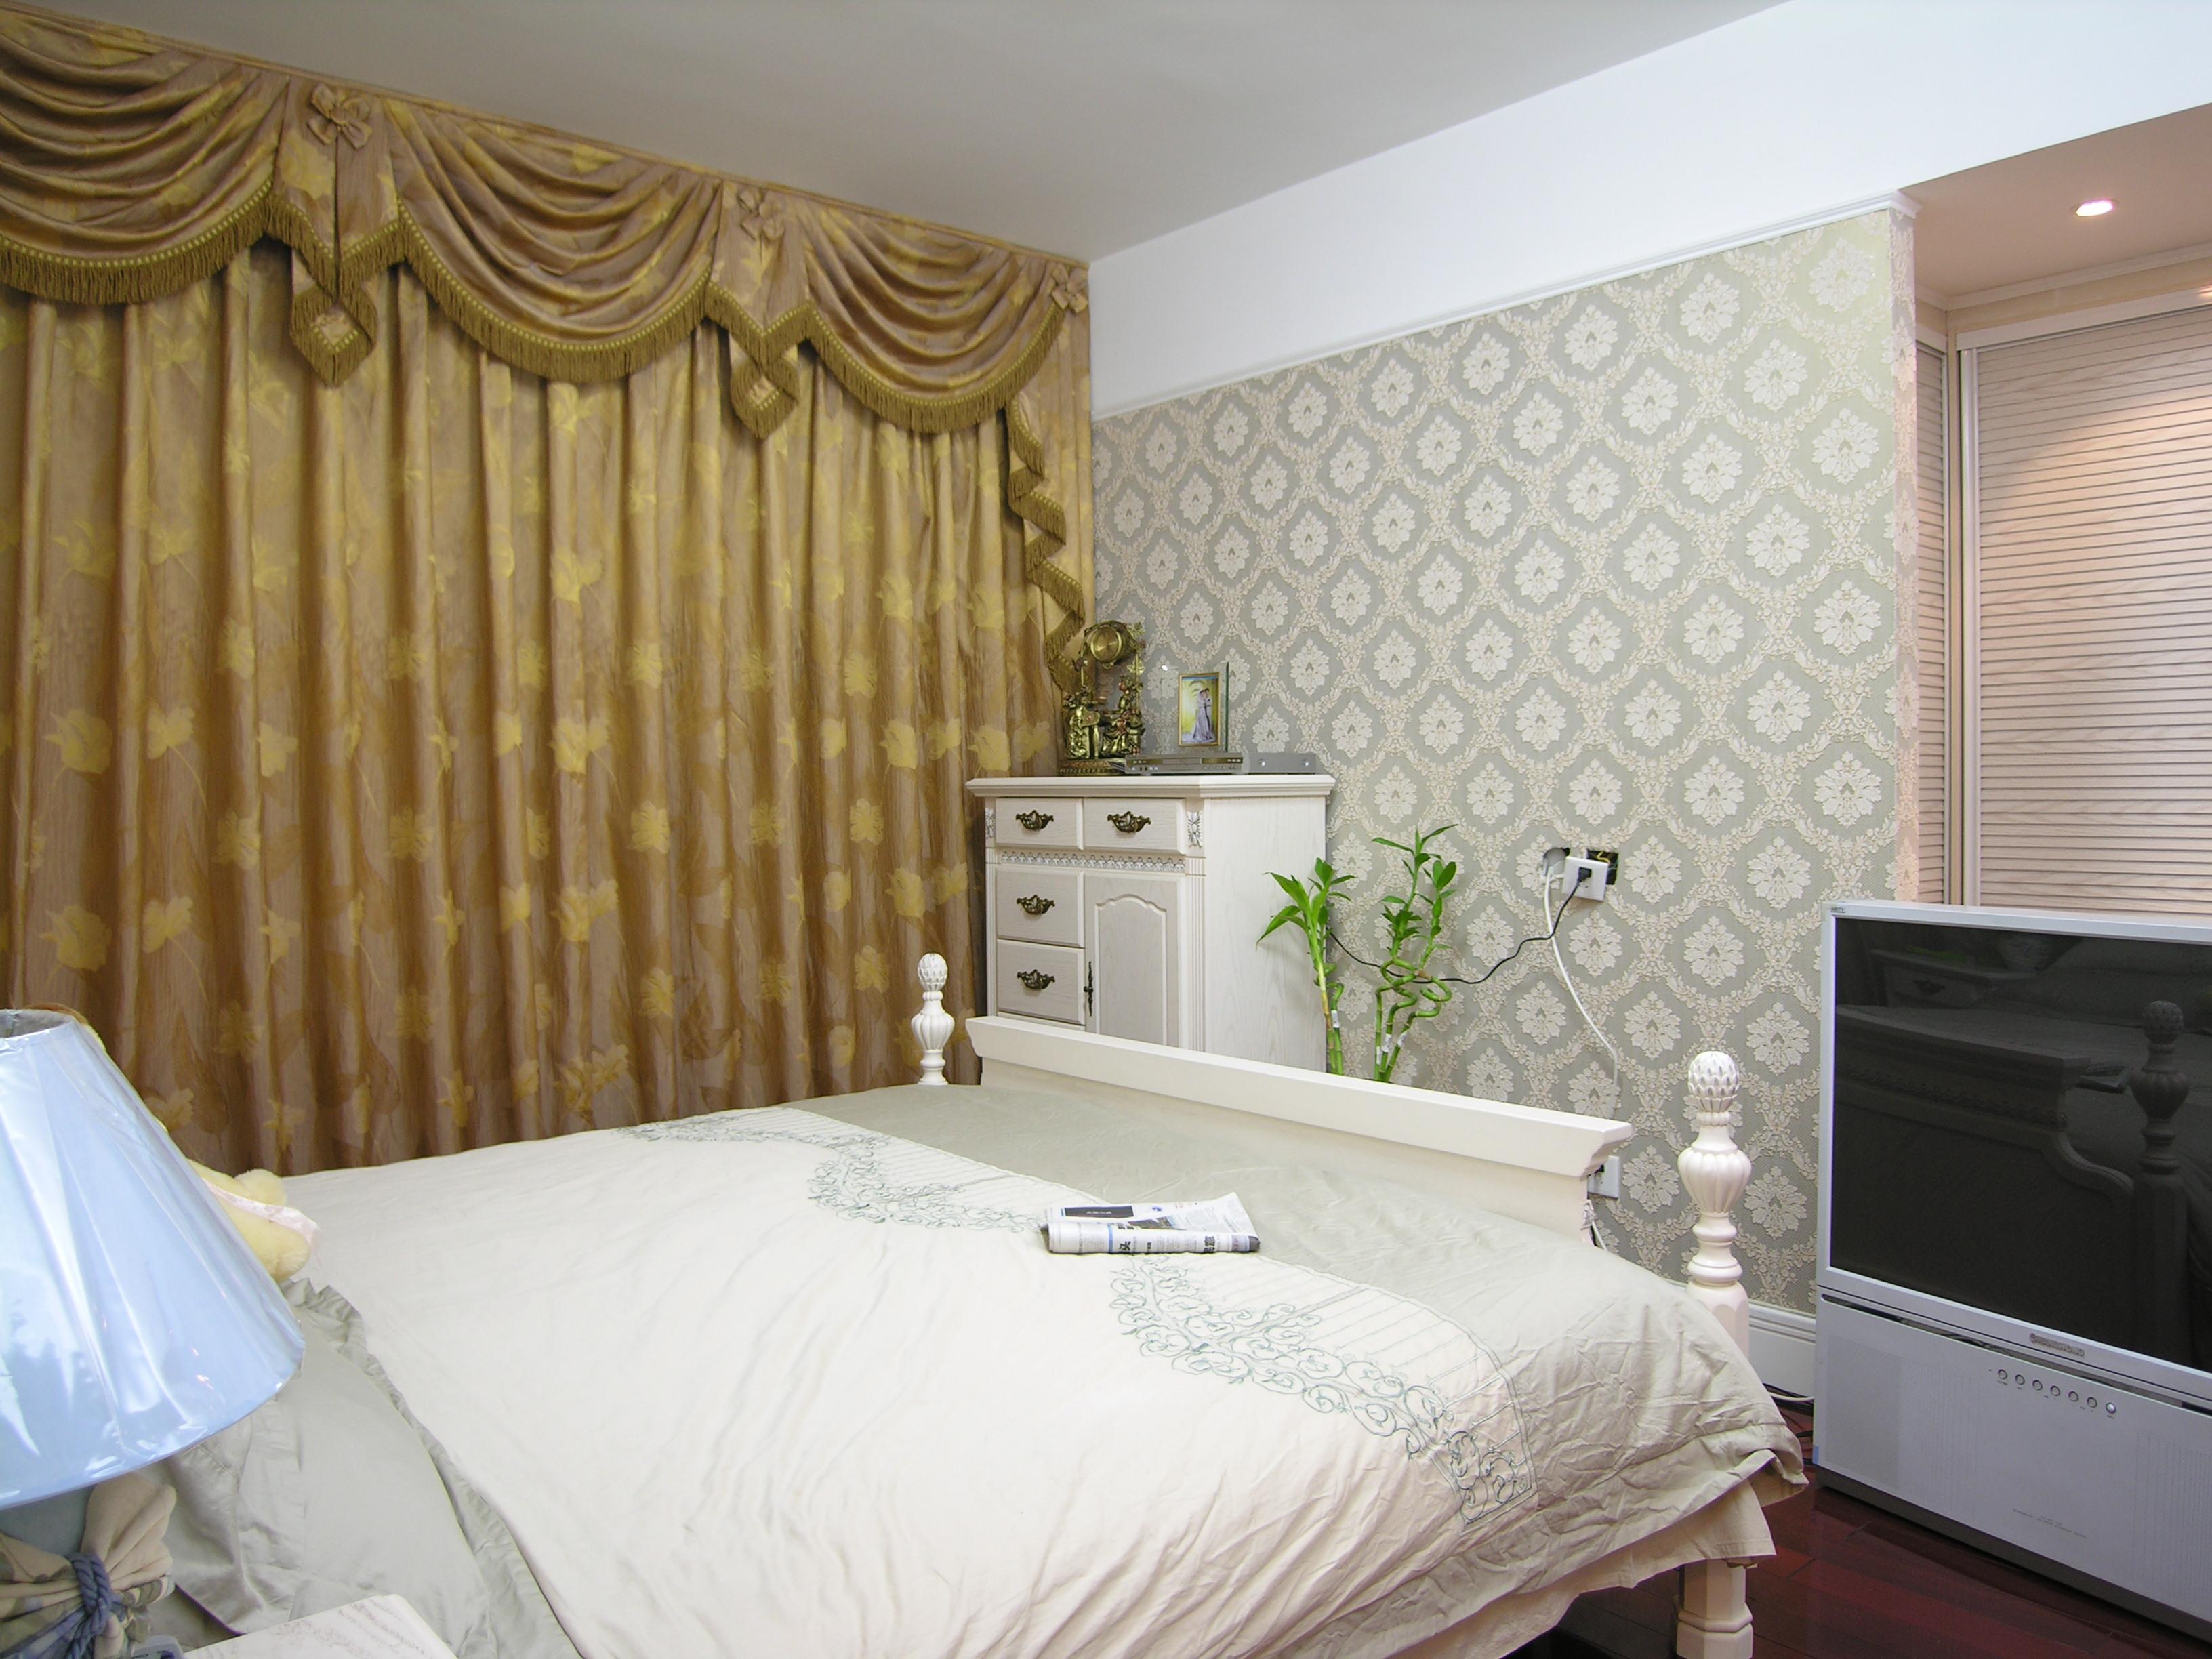 欧式 别墅 卧室图片来自小若爱雨在金色家园(二)的分享